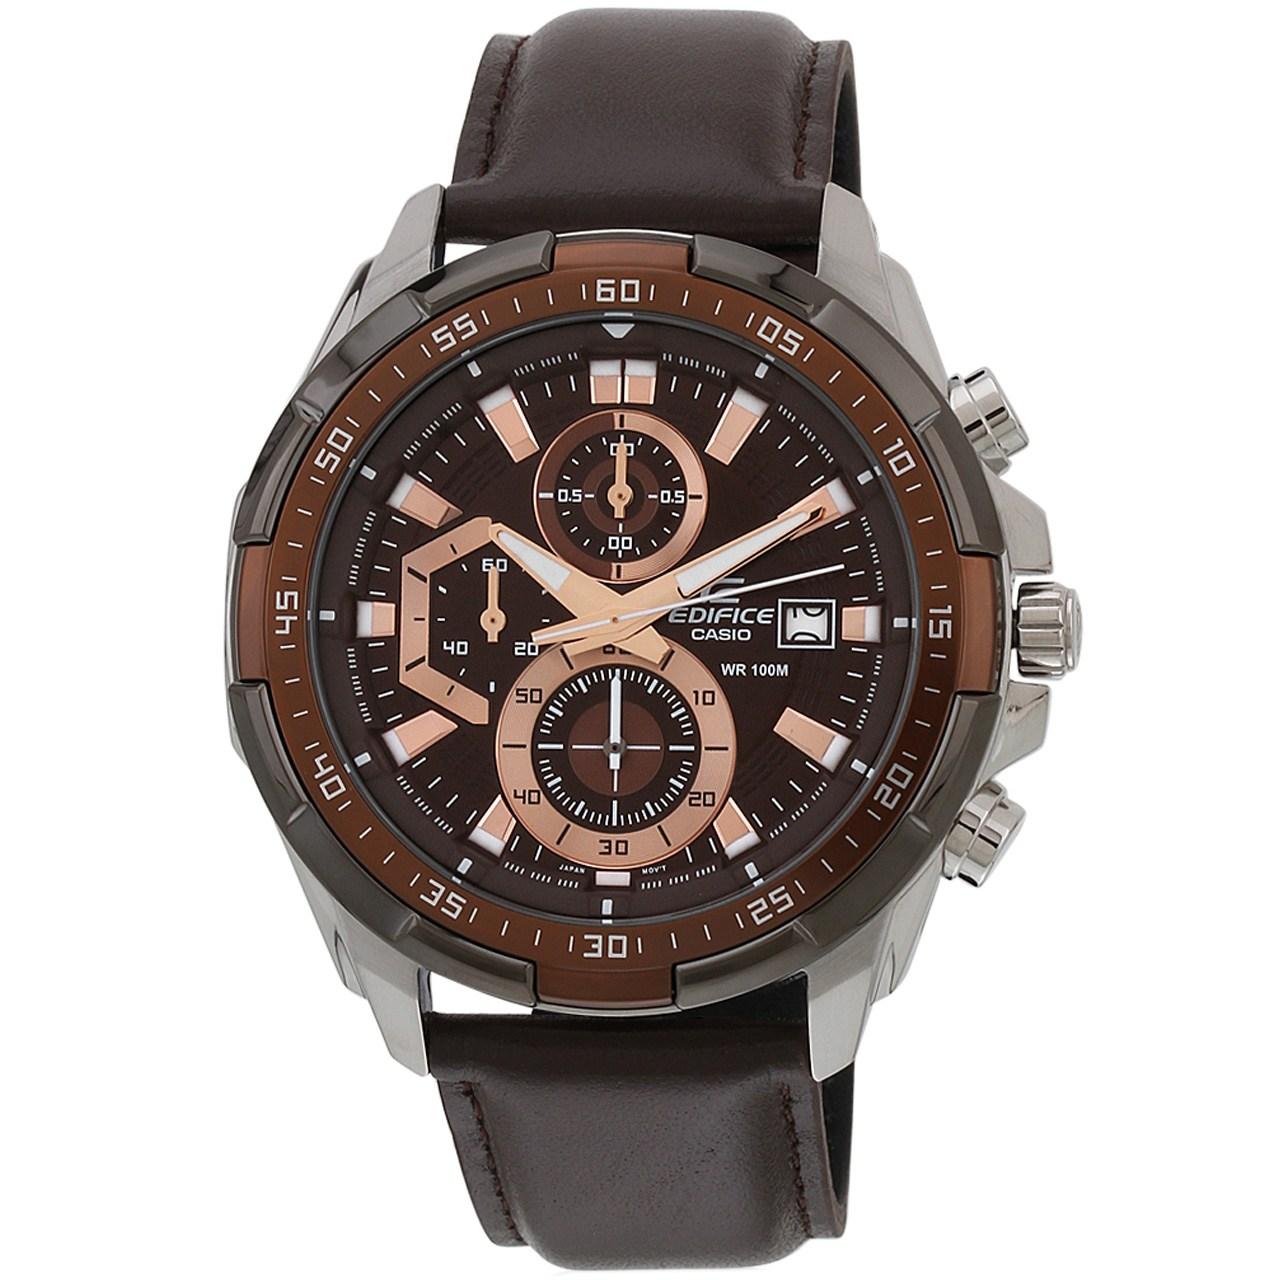 ساعت مچی عقربه ای کاسیو سری ادیفایس مدل EFR-539L-5AVUDF مناسب برای آقایان              خرید (⭐️⭐️⭐️)